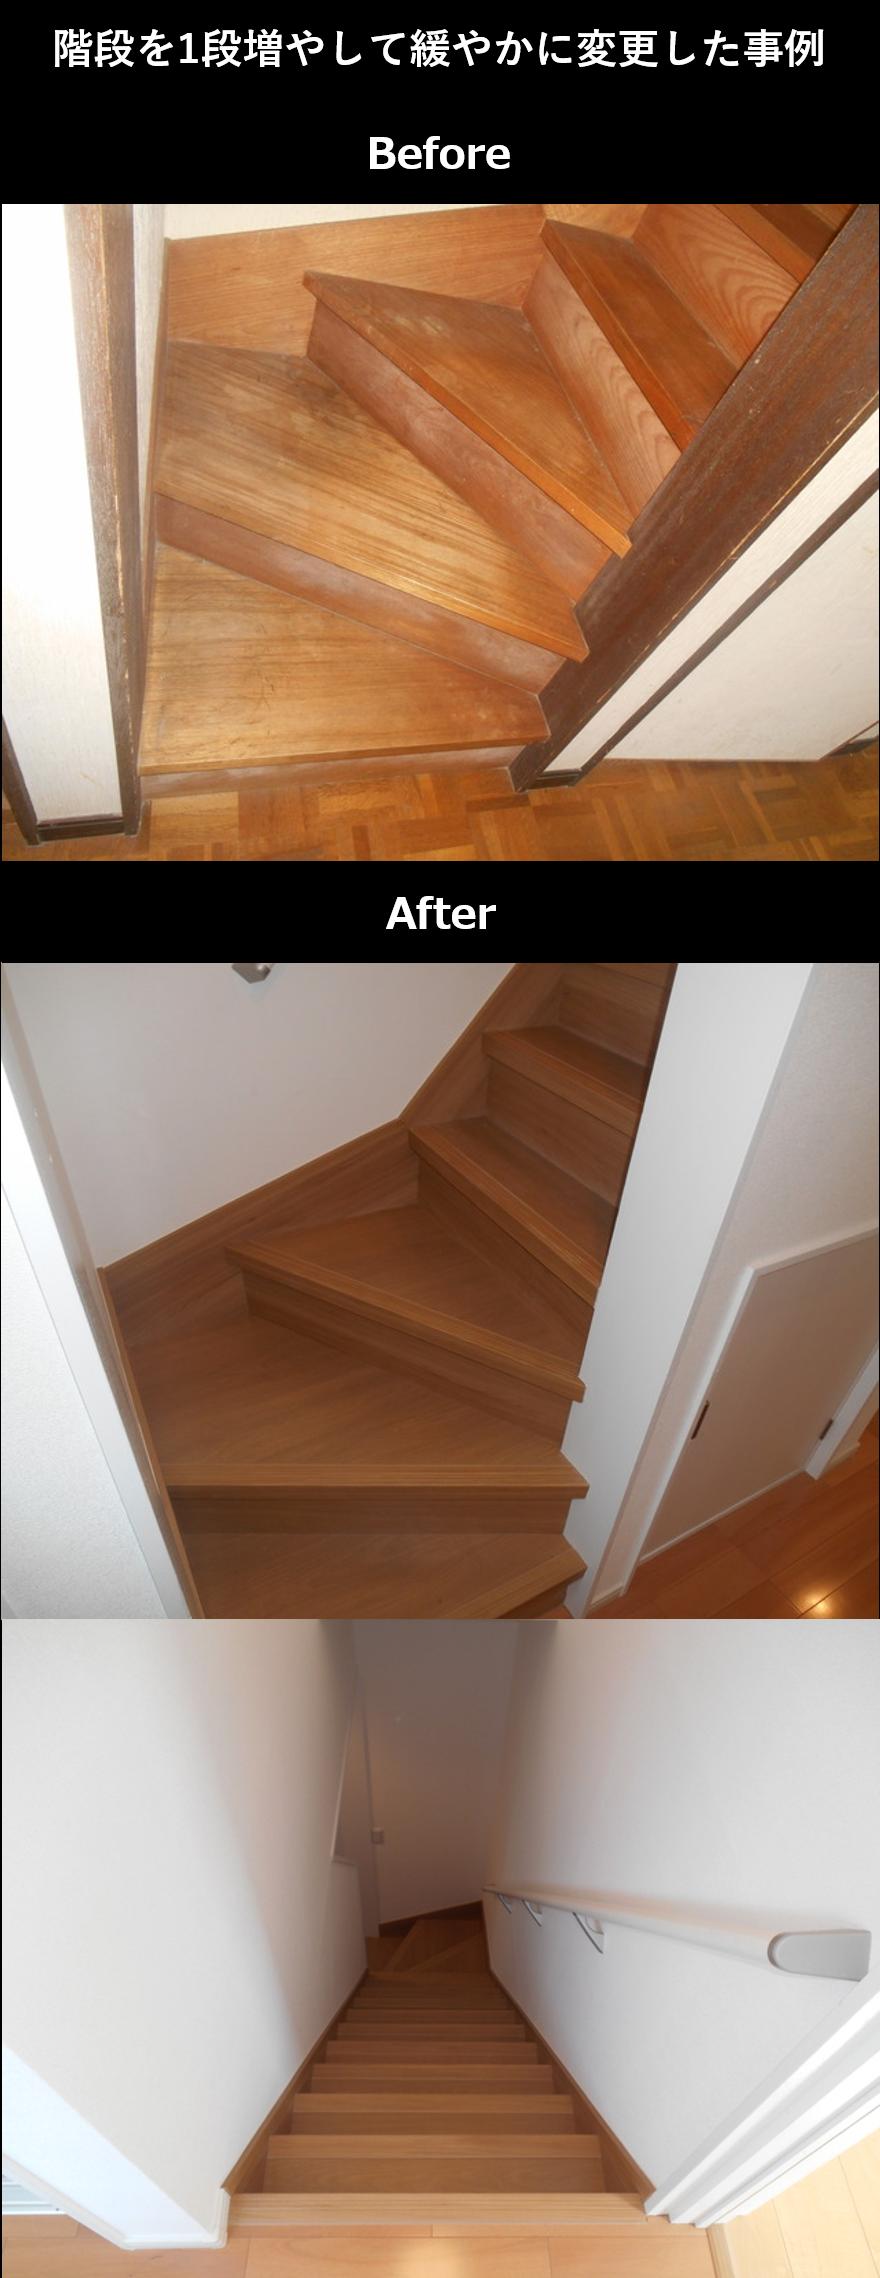 階段を1段増やして緩やかに変更した事例